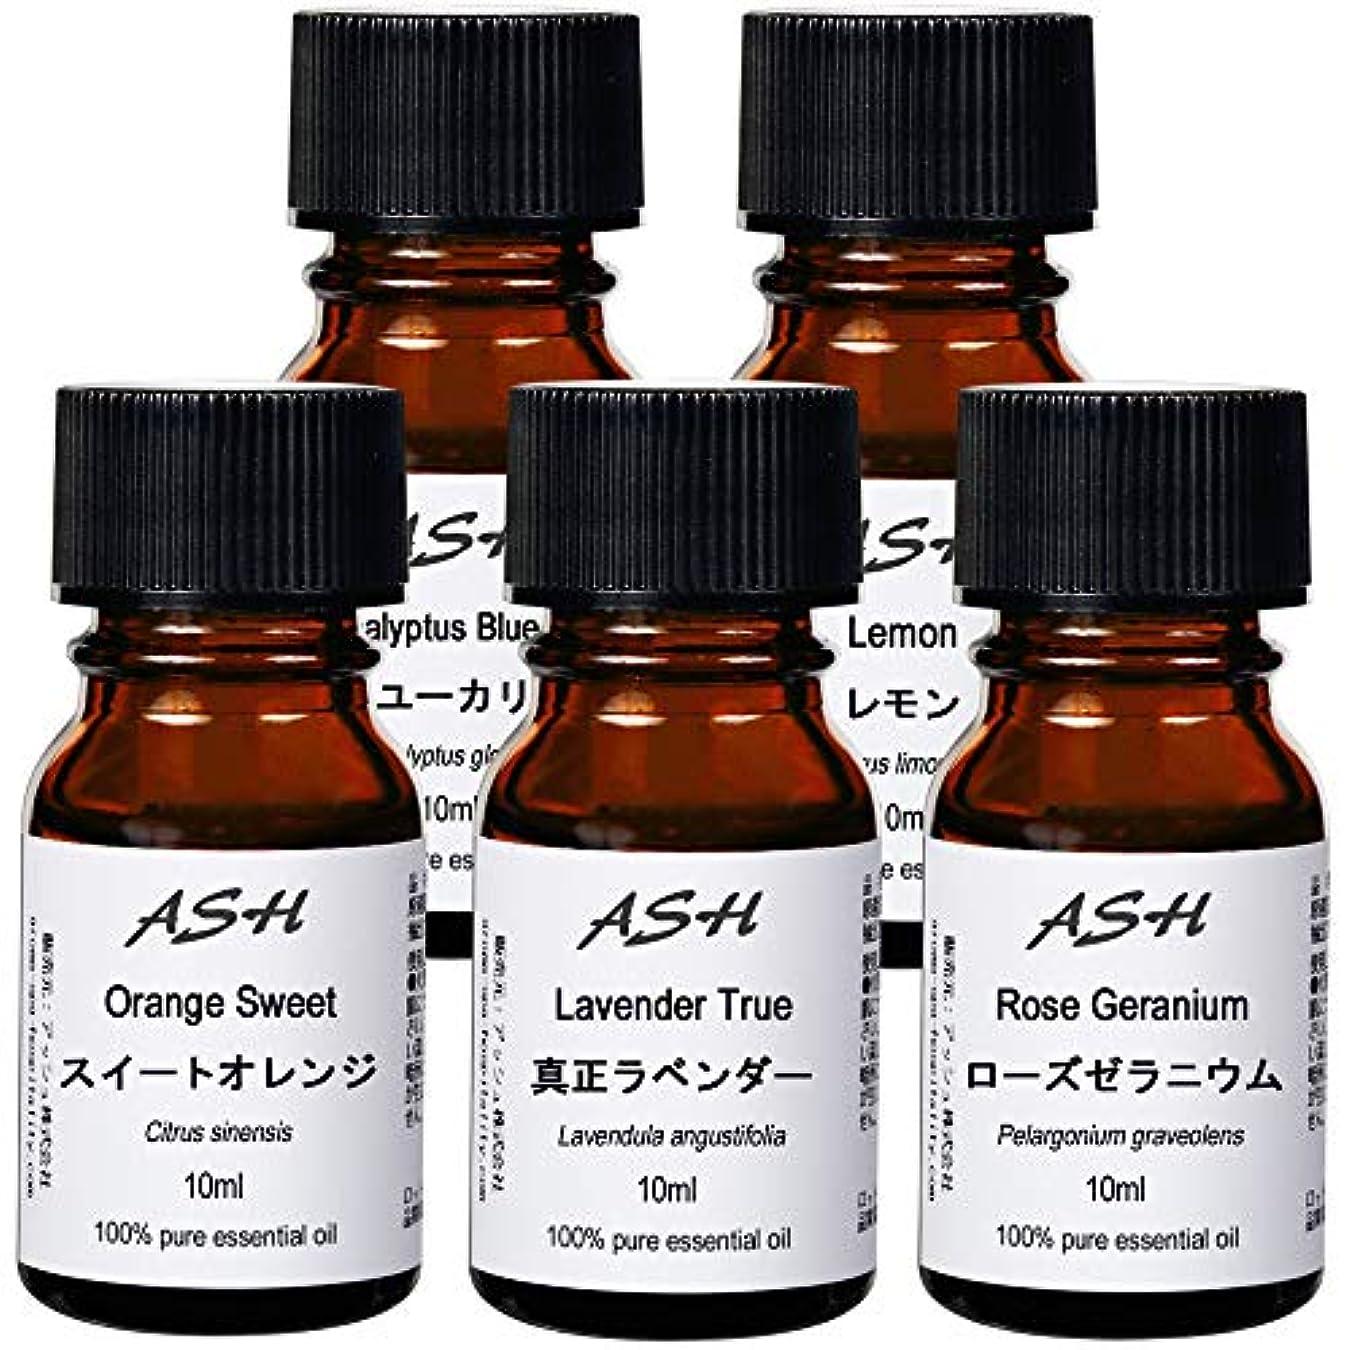 多様性昇進世界ASH エッセンシャルオイル A.お試し 10mlx5本セット (スイートオレンジ/ユーカリ/ラベンダー/レモン/ローズゼラニウム) AEAJ認定精油